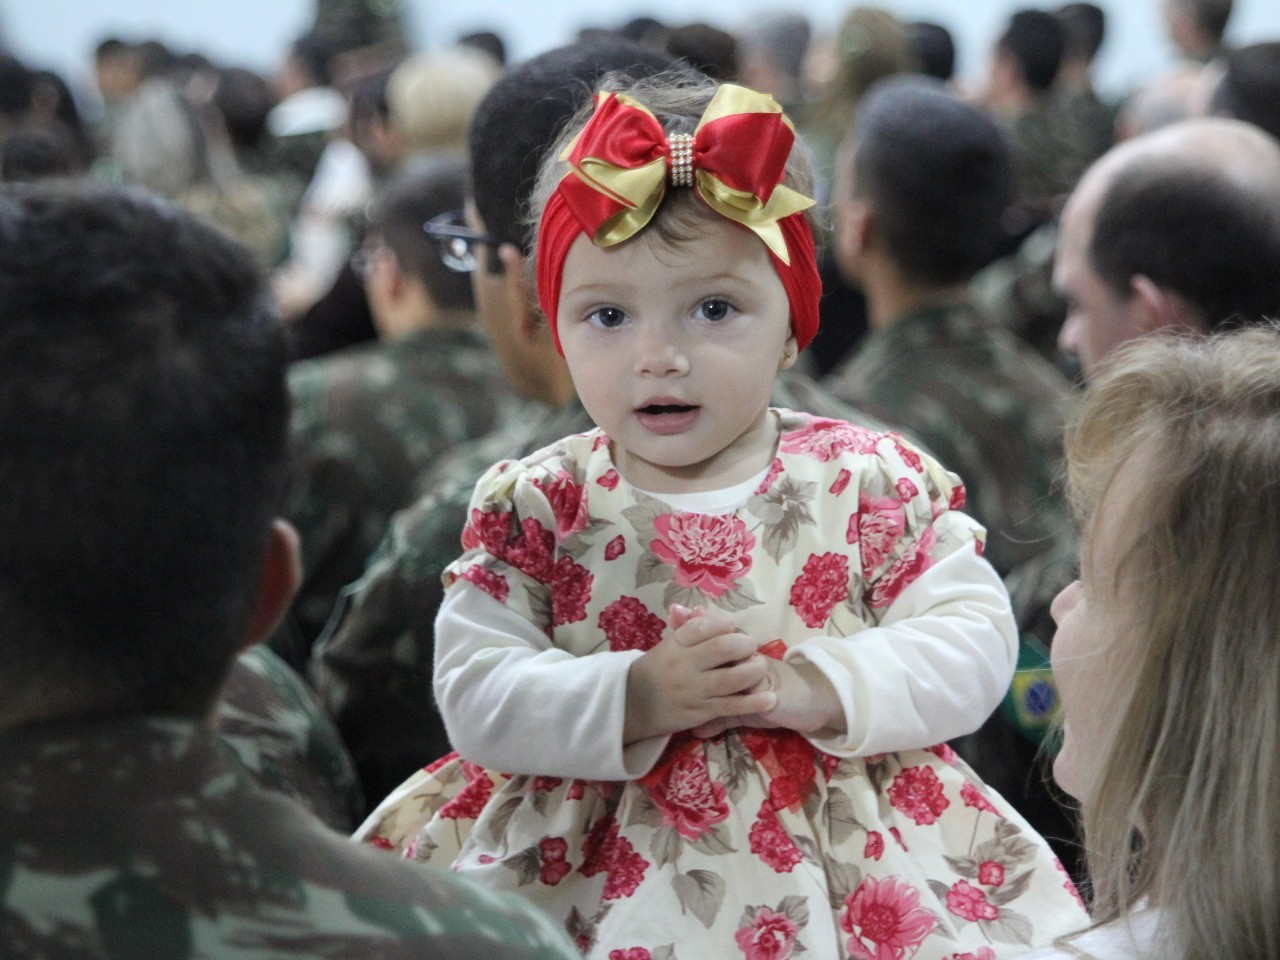 Música e homenagens marcam as comemorações do Dia da Família Militar na Guarnição de Santa Maria, no Rio Grande do Sul